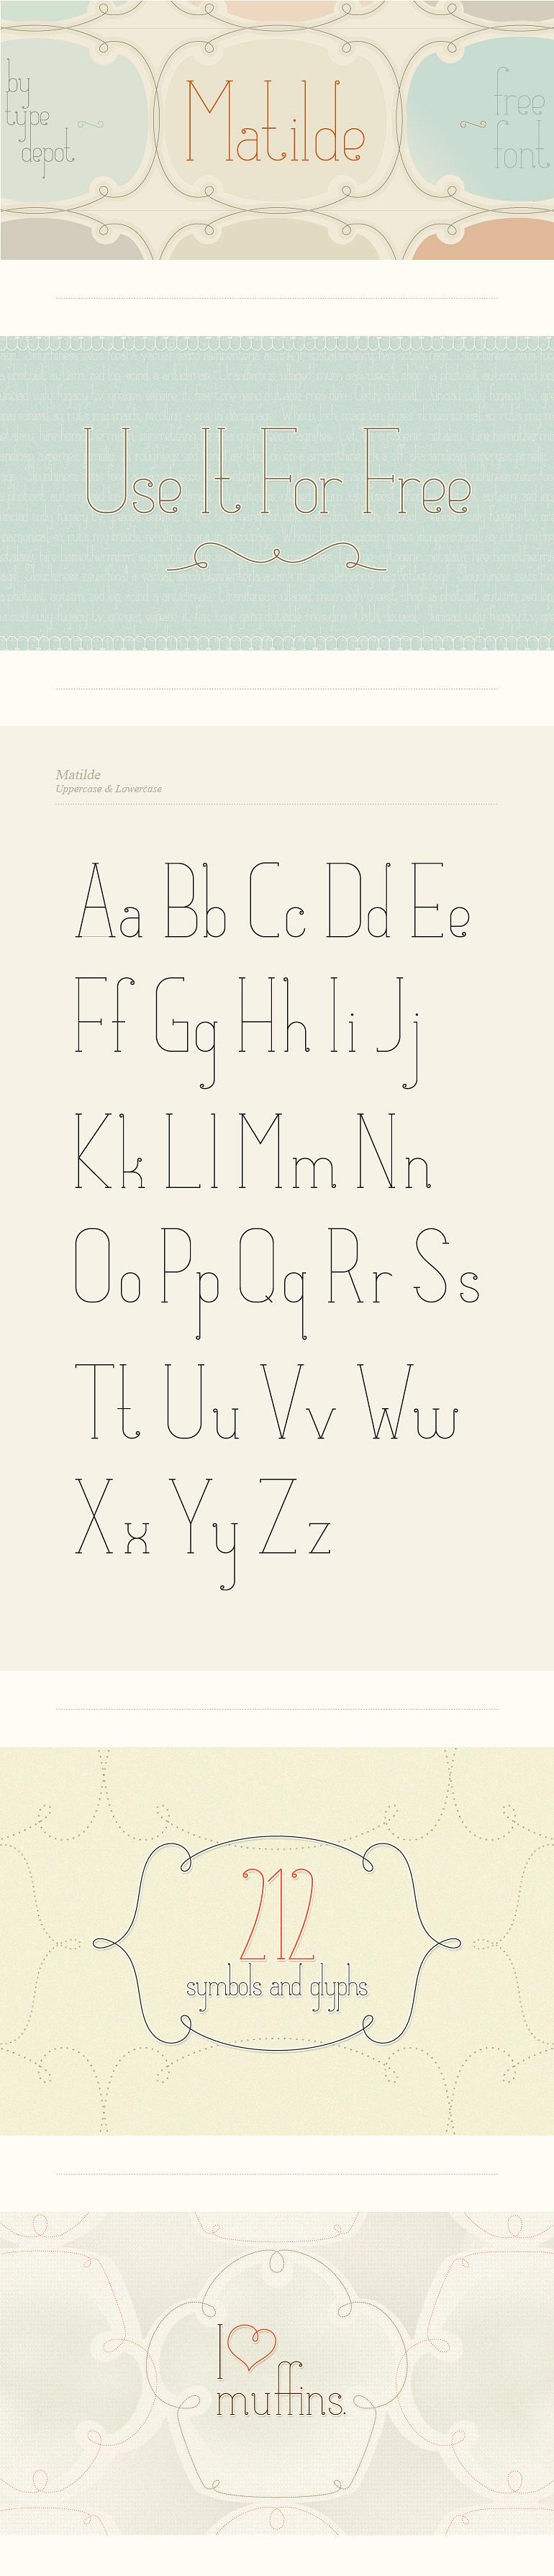 Matilde Free Font « typedepot